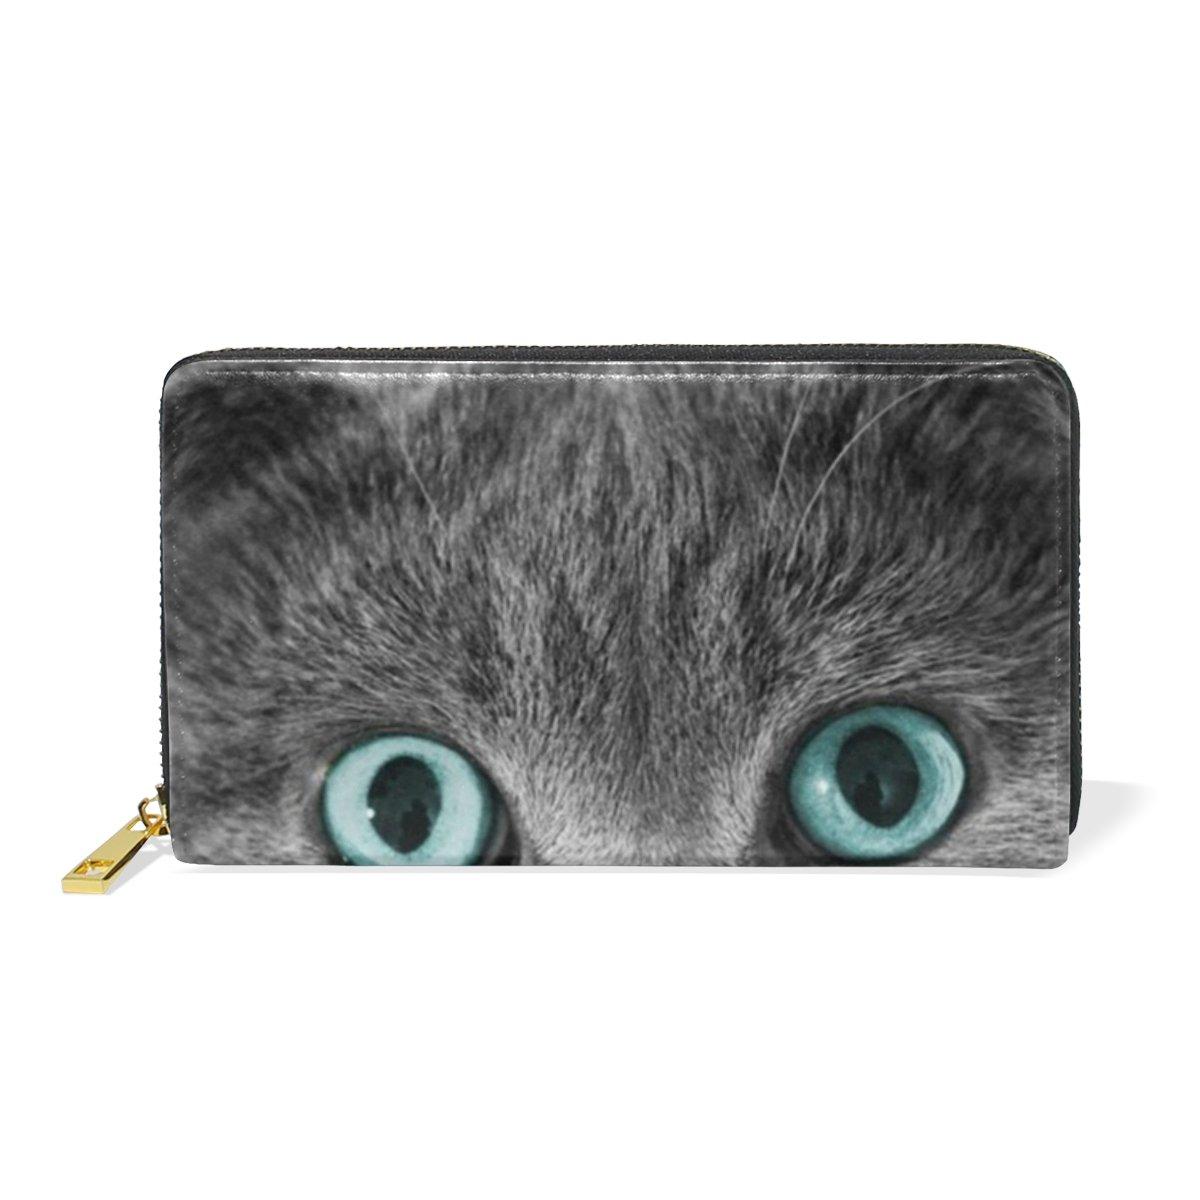 COOSUN Cuir Gris Cat Bourse d'embrayage Card Wallet Longue Porte Organisateur L Multicolore